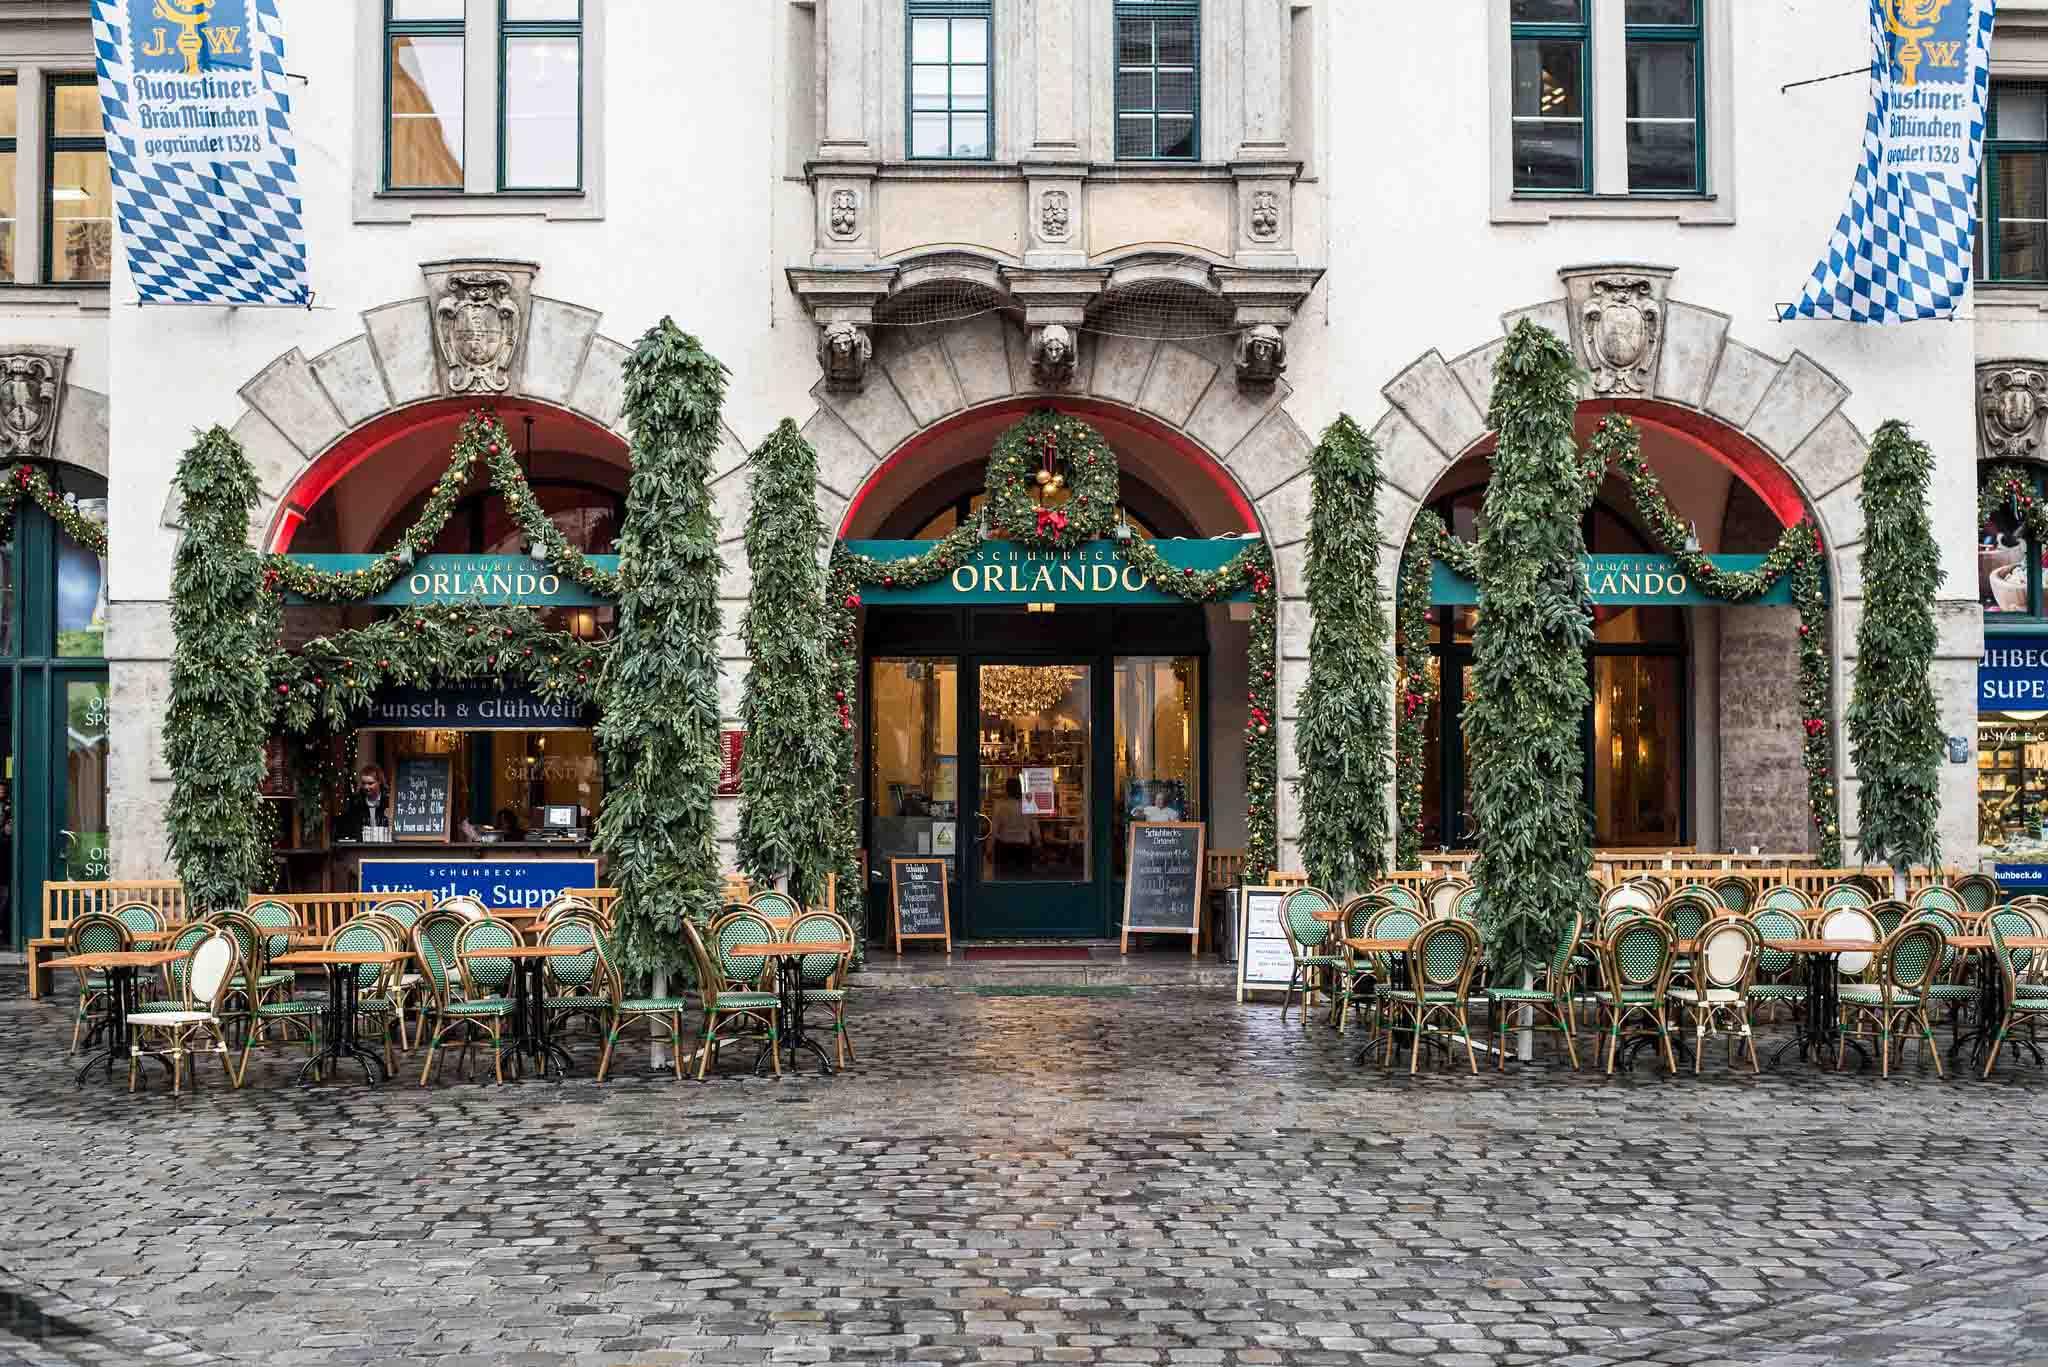 Weihnachtsmärkte in München 2019